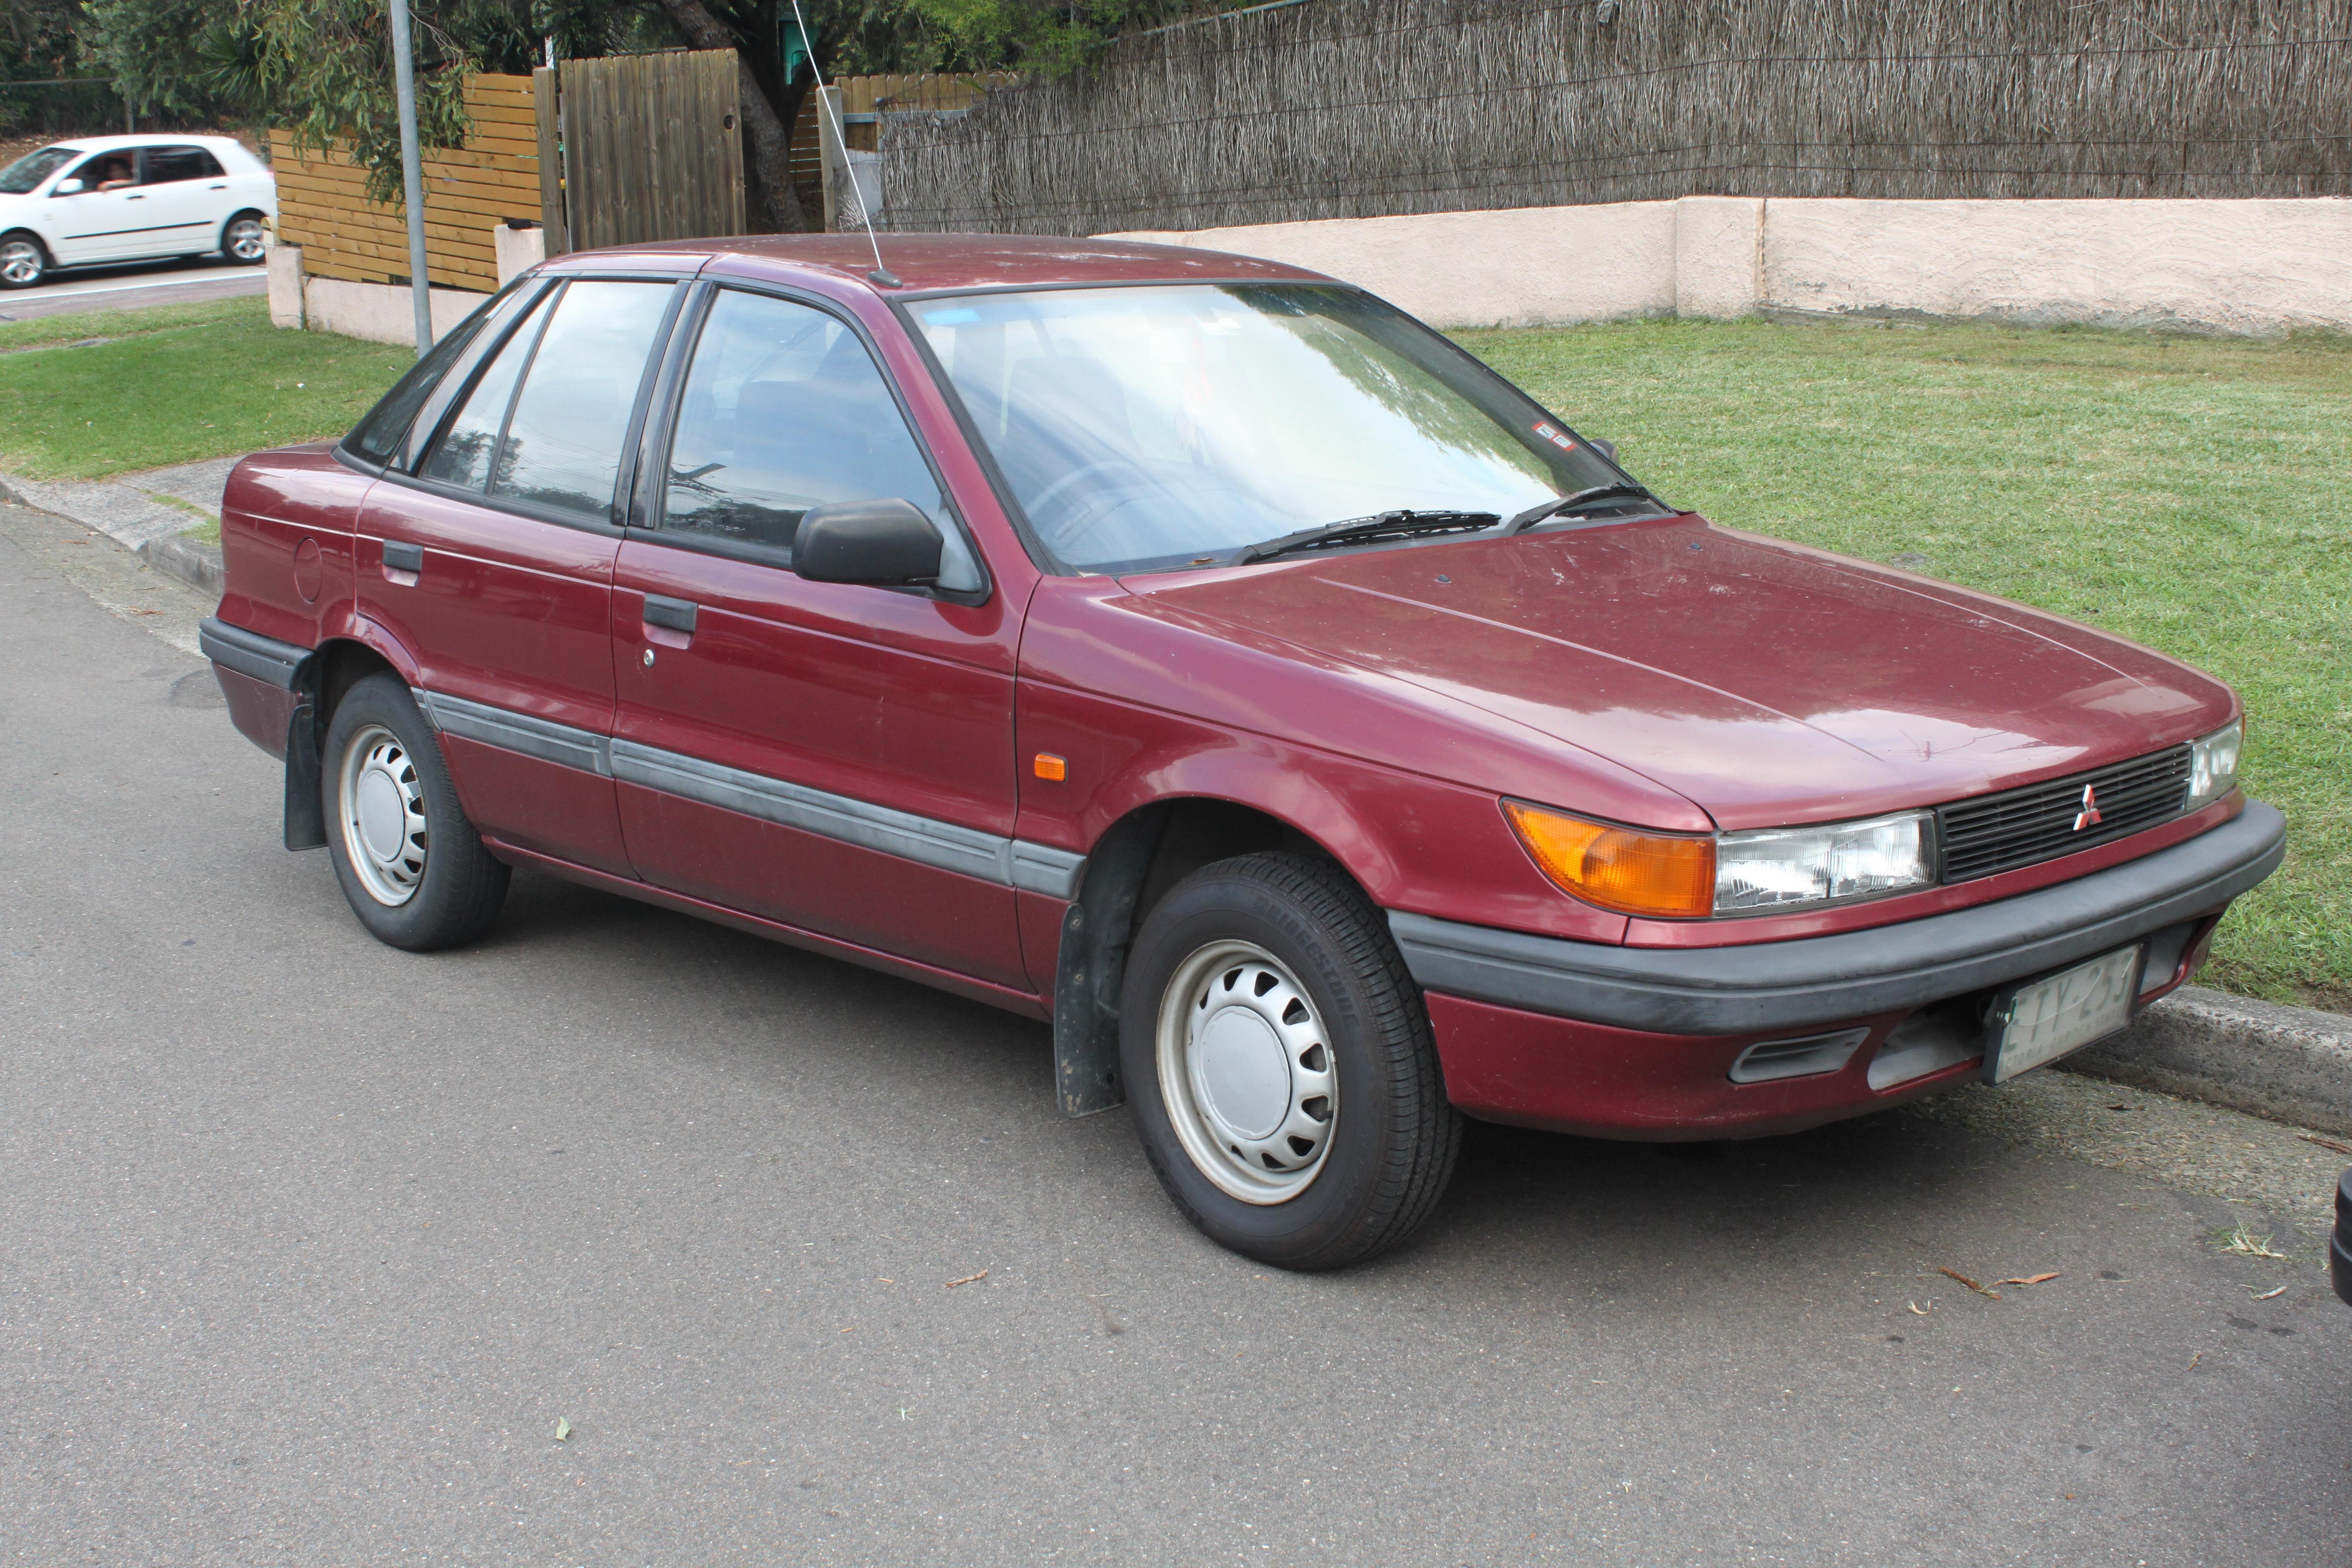 file:1992 mitsubishi lancer (cb) glx 5-door hatchback (25967601554